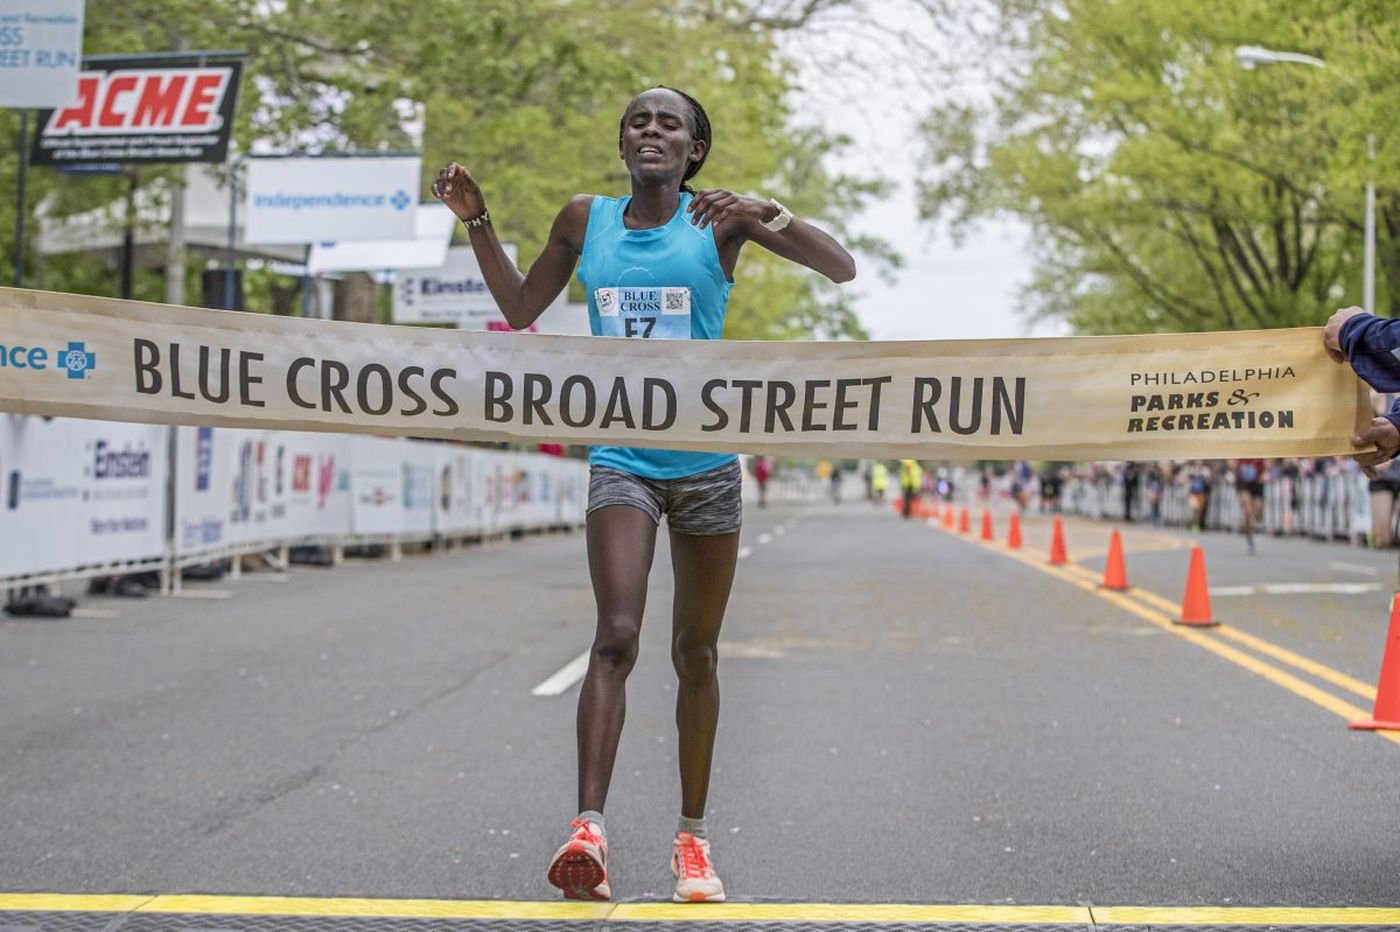 Broad Street Run 2018: Recap of the race